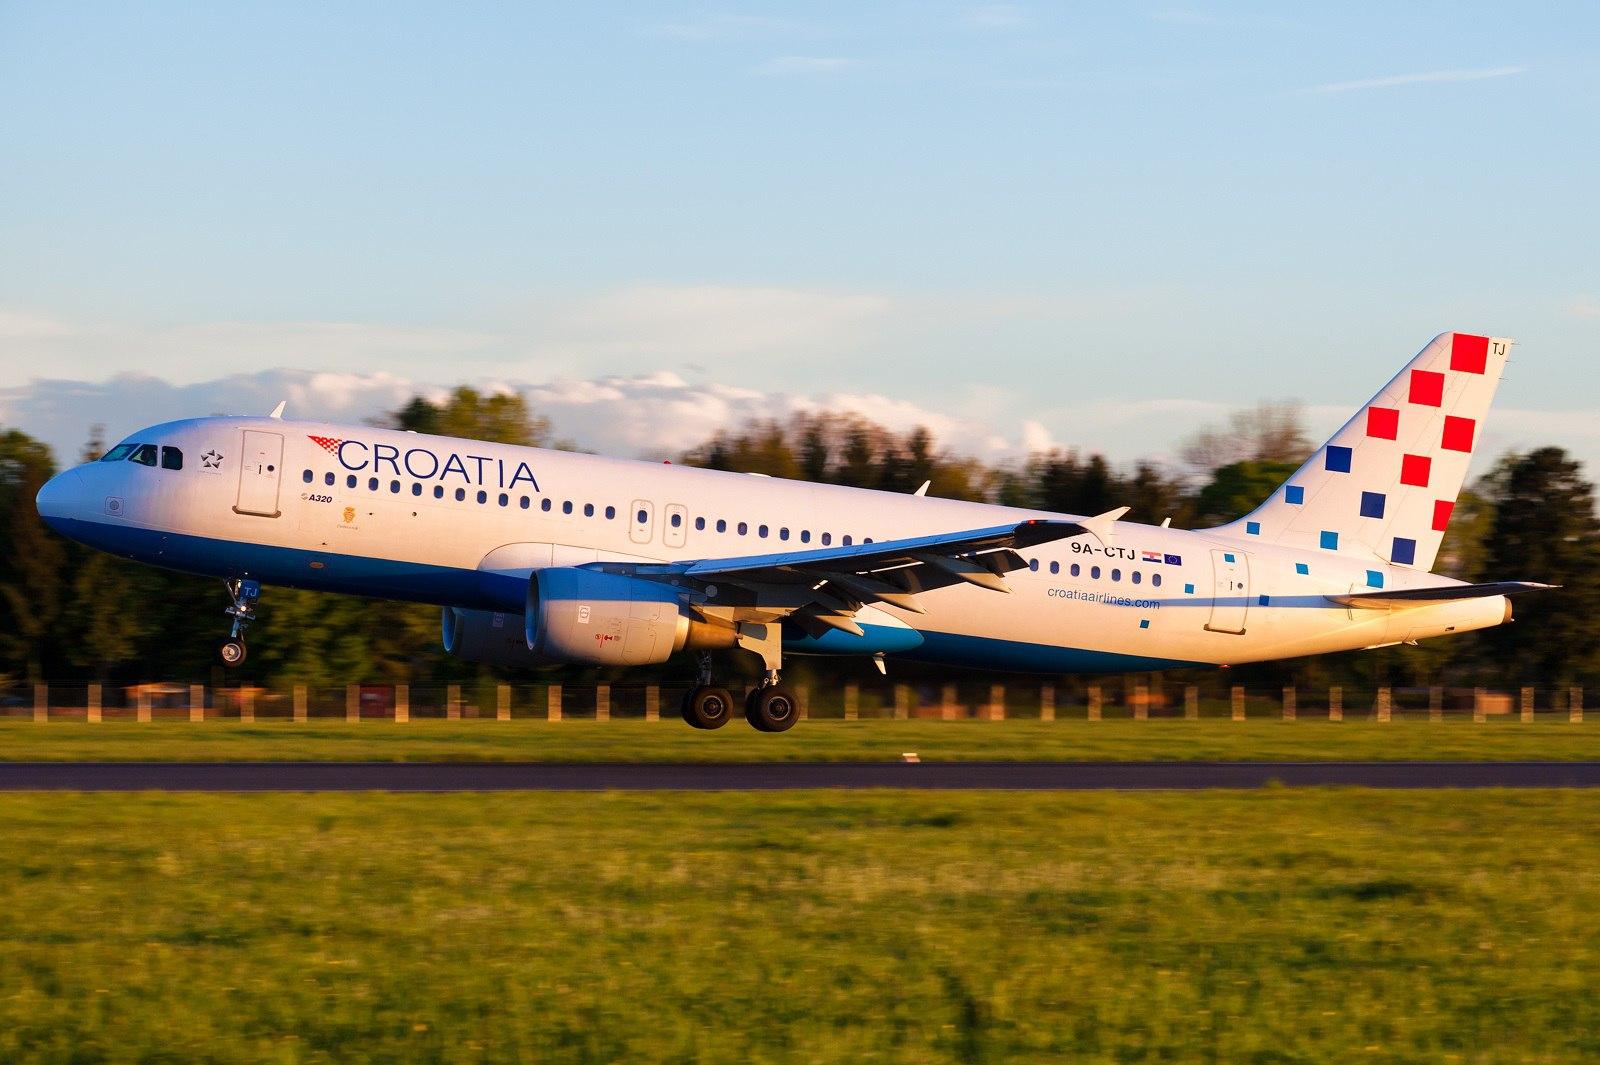 Взлет лайнера Croatia Airlines